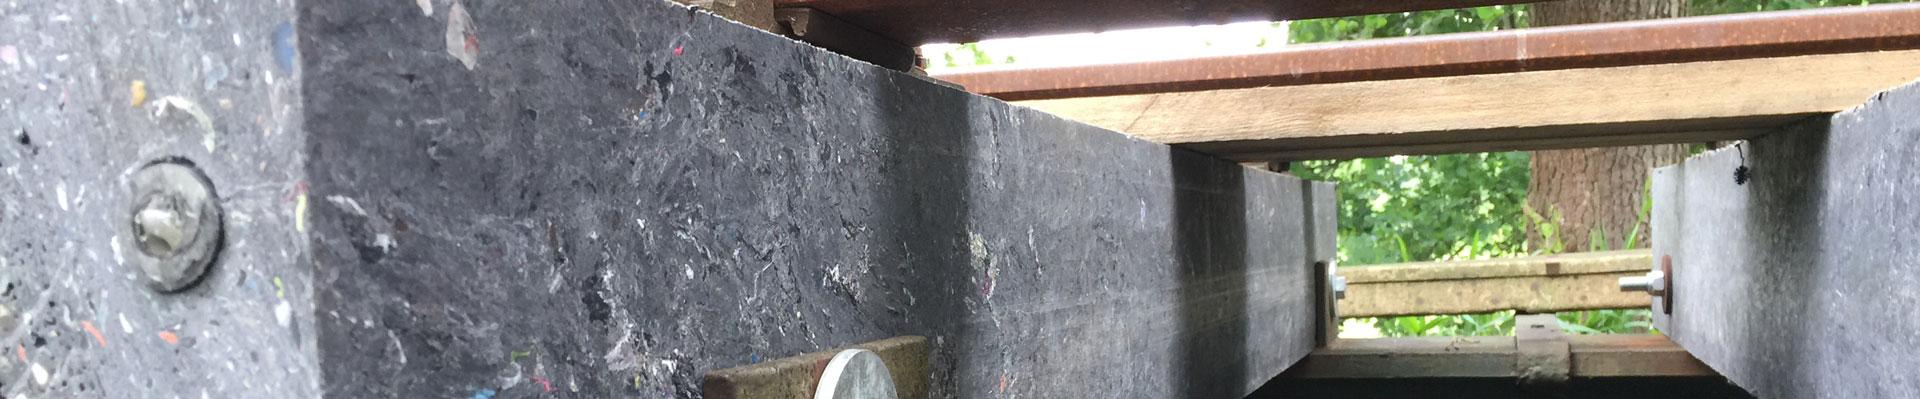 RELUX Umwelt Recycling und Entsorgung Bahnschwellen